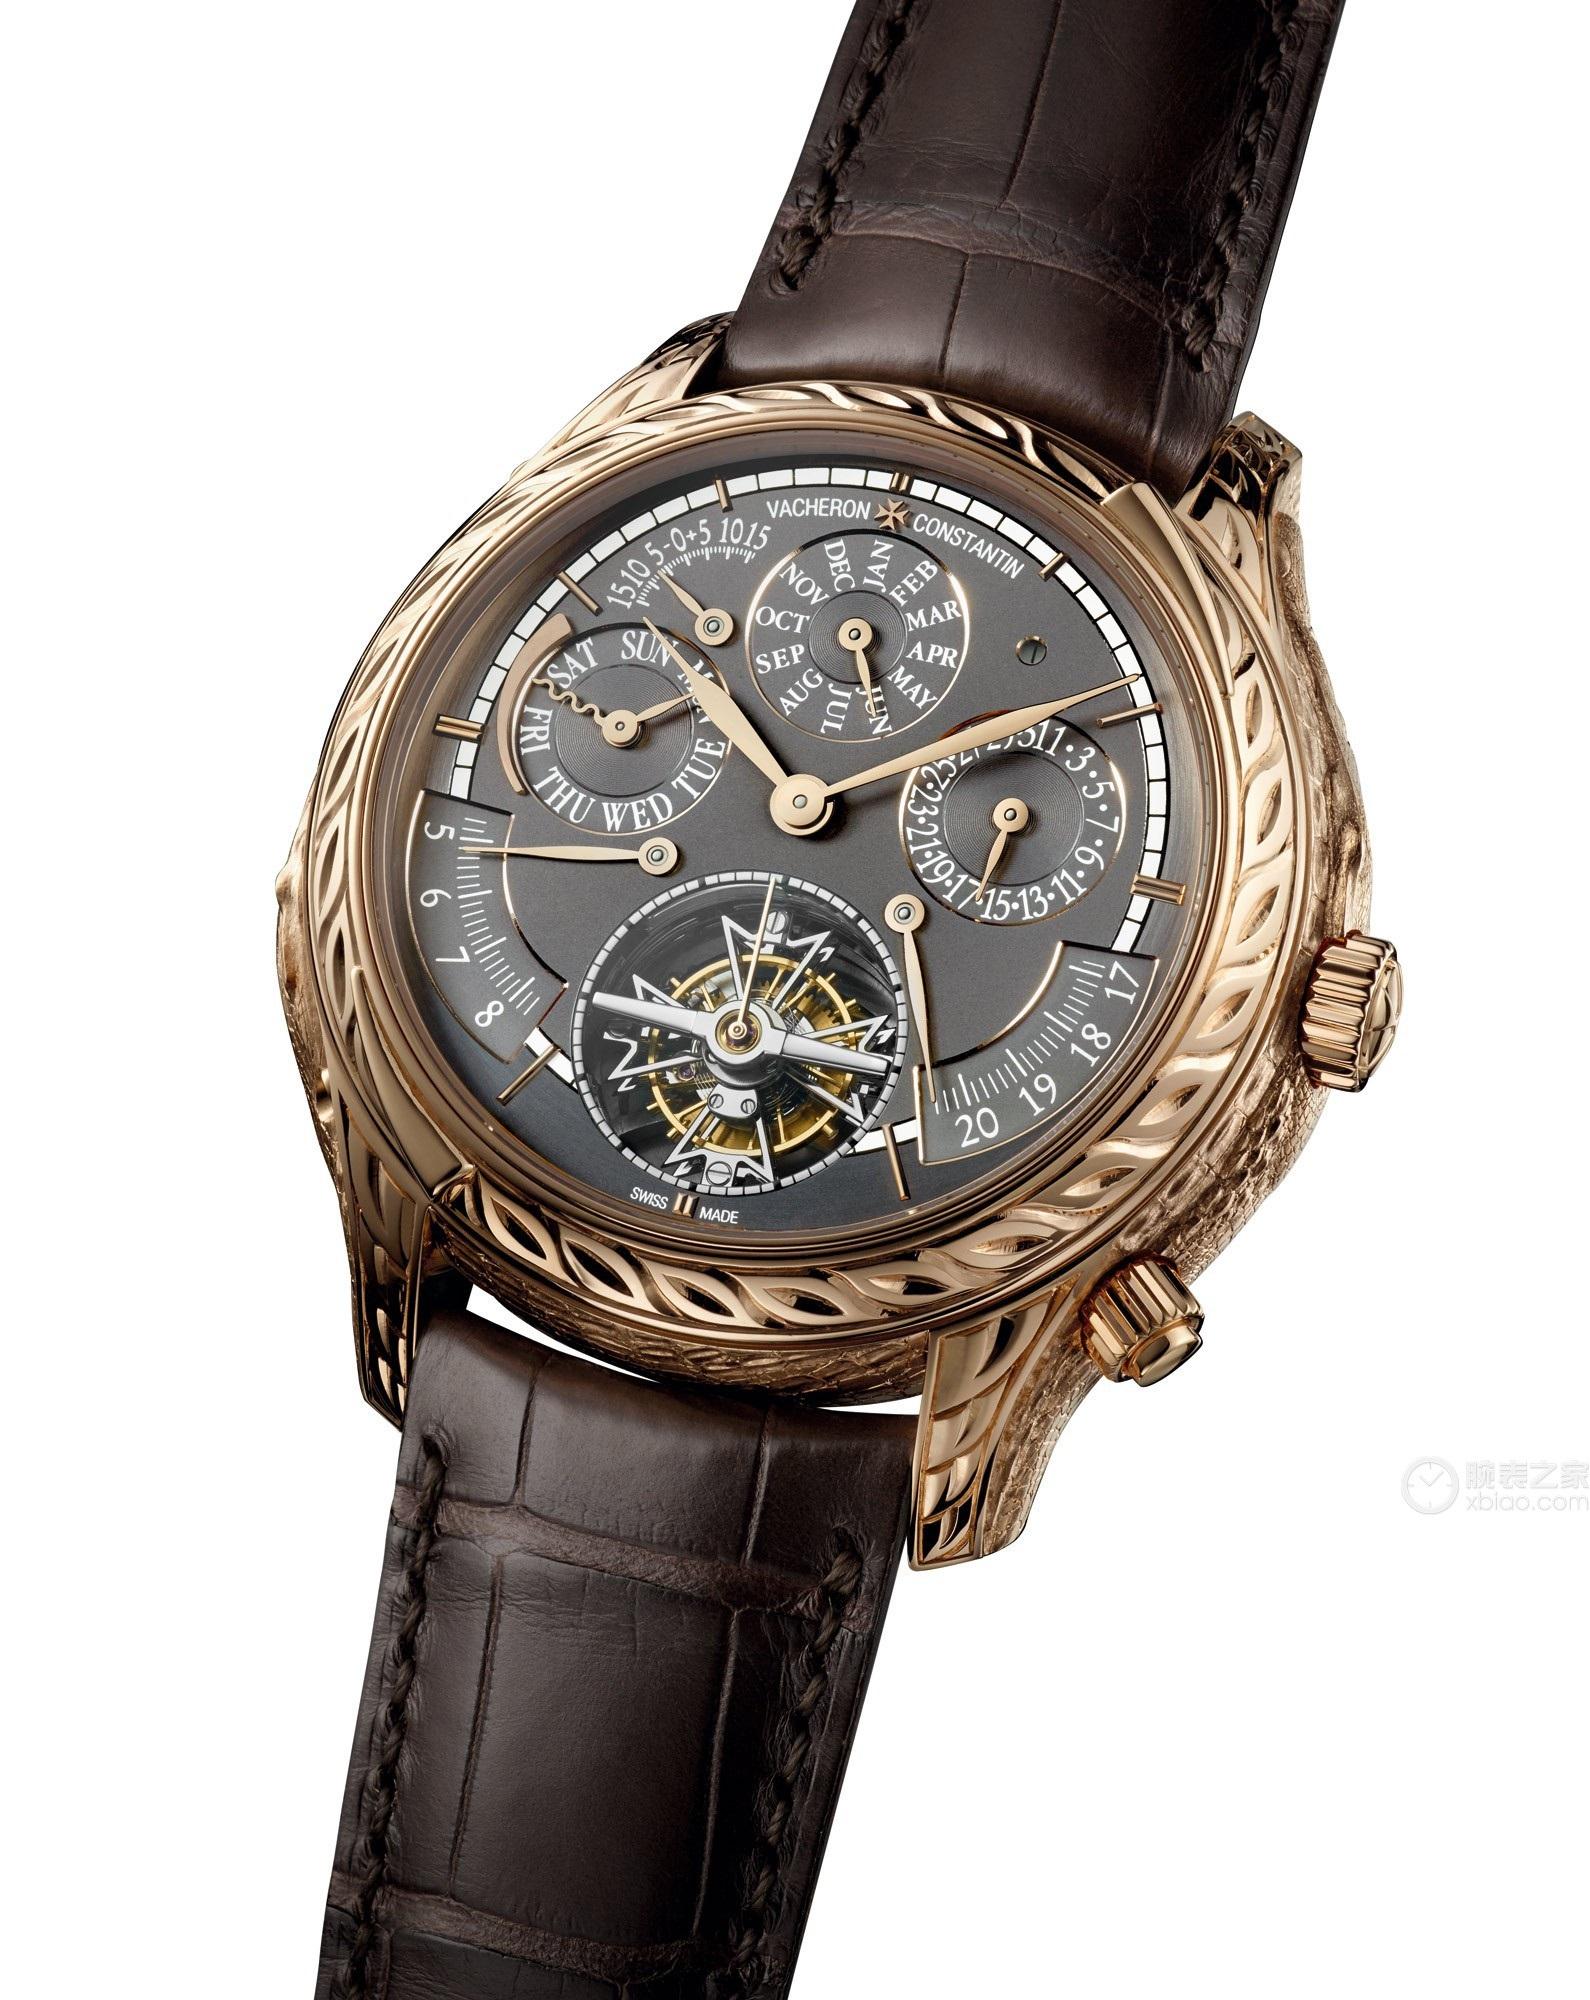 闲置手表如何处理,如何让闲置手表更赚钱